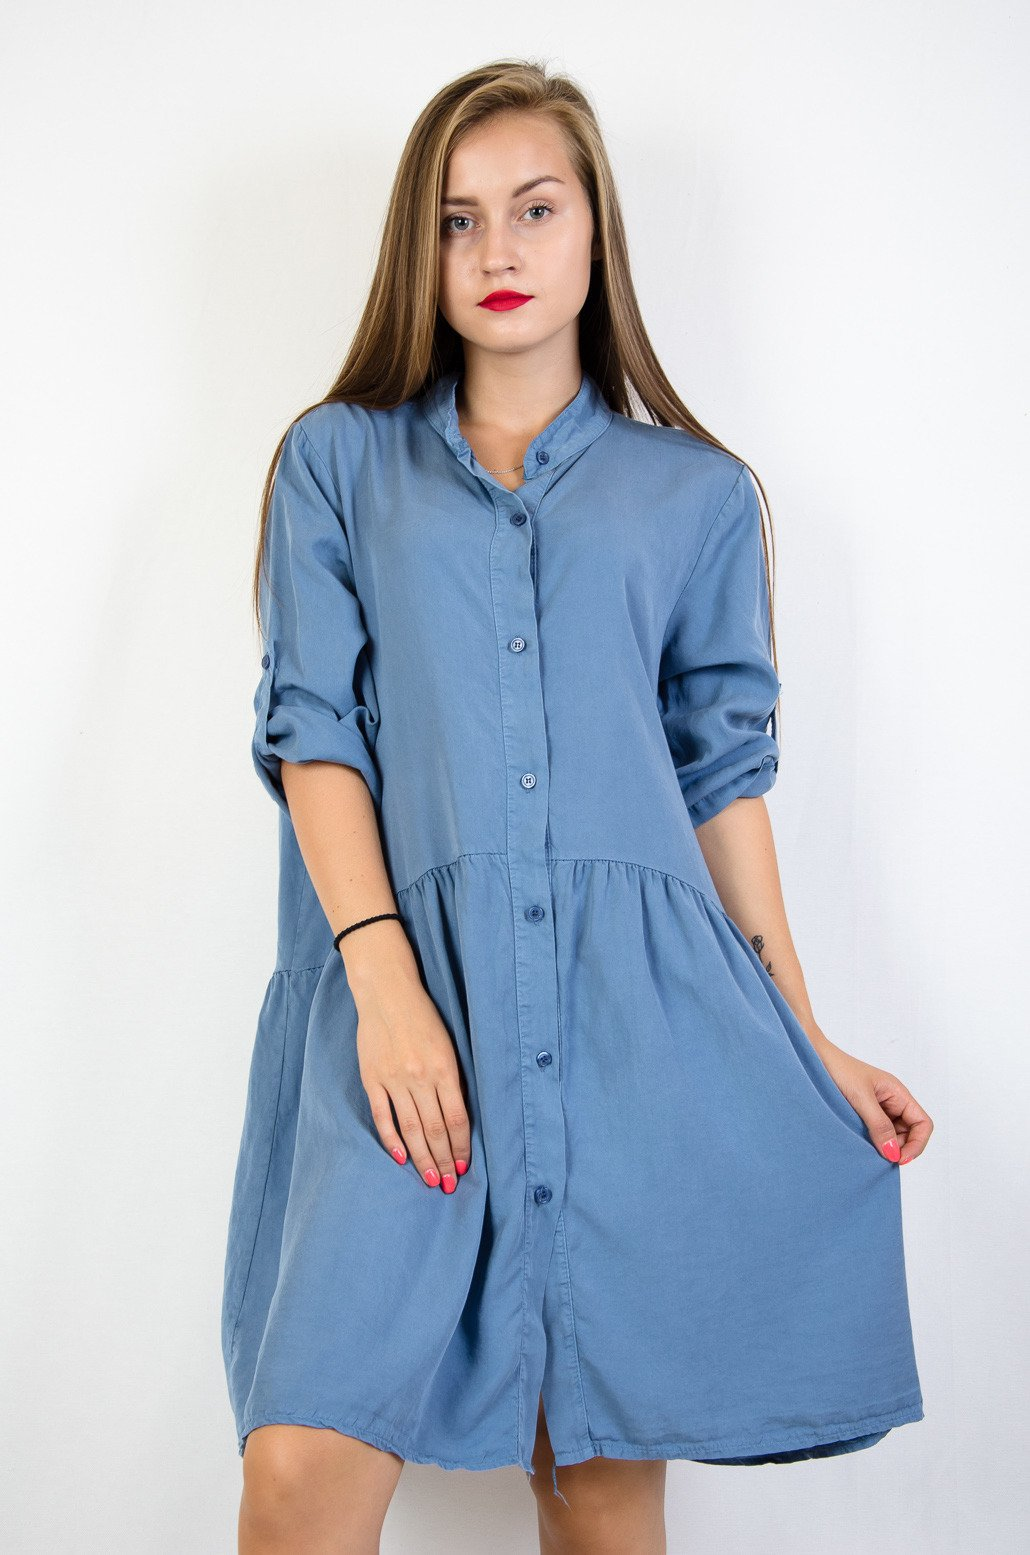 76d7853c Niebieska luźna sukienka zapinana na guziki